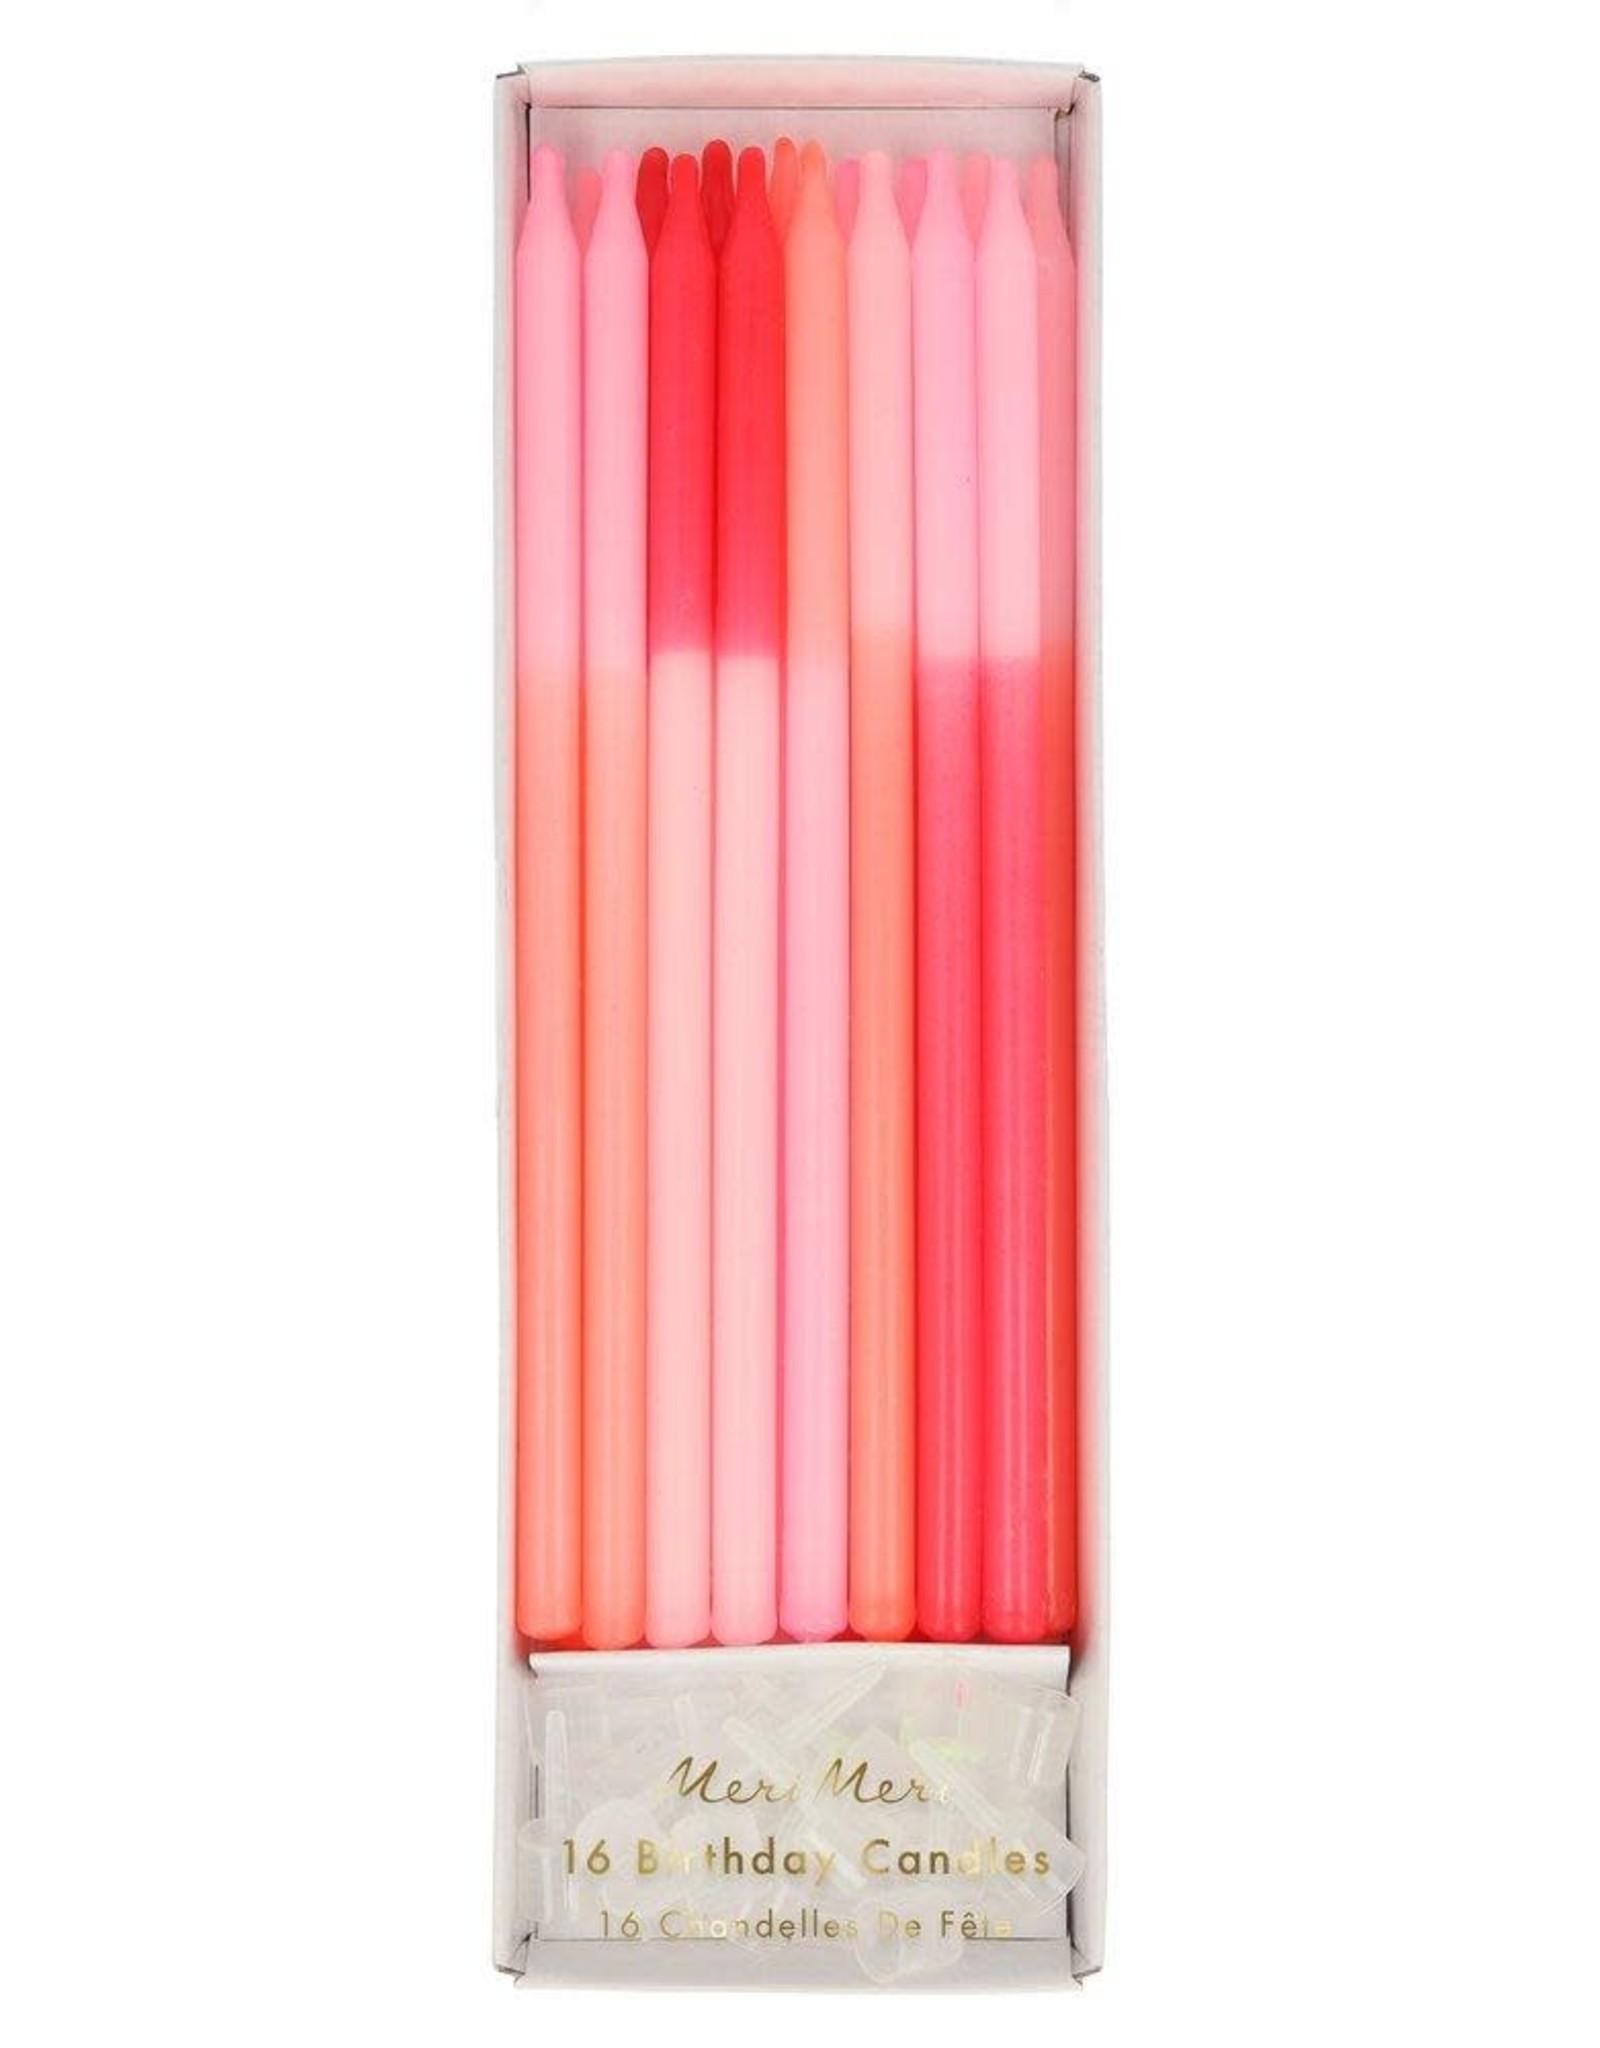 Meri Meri pink color block candles